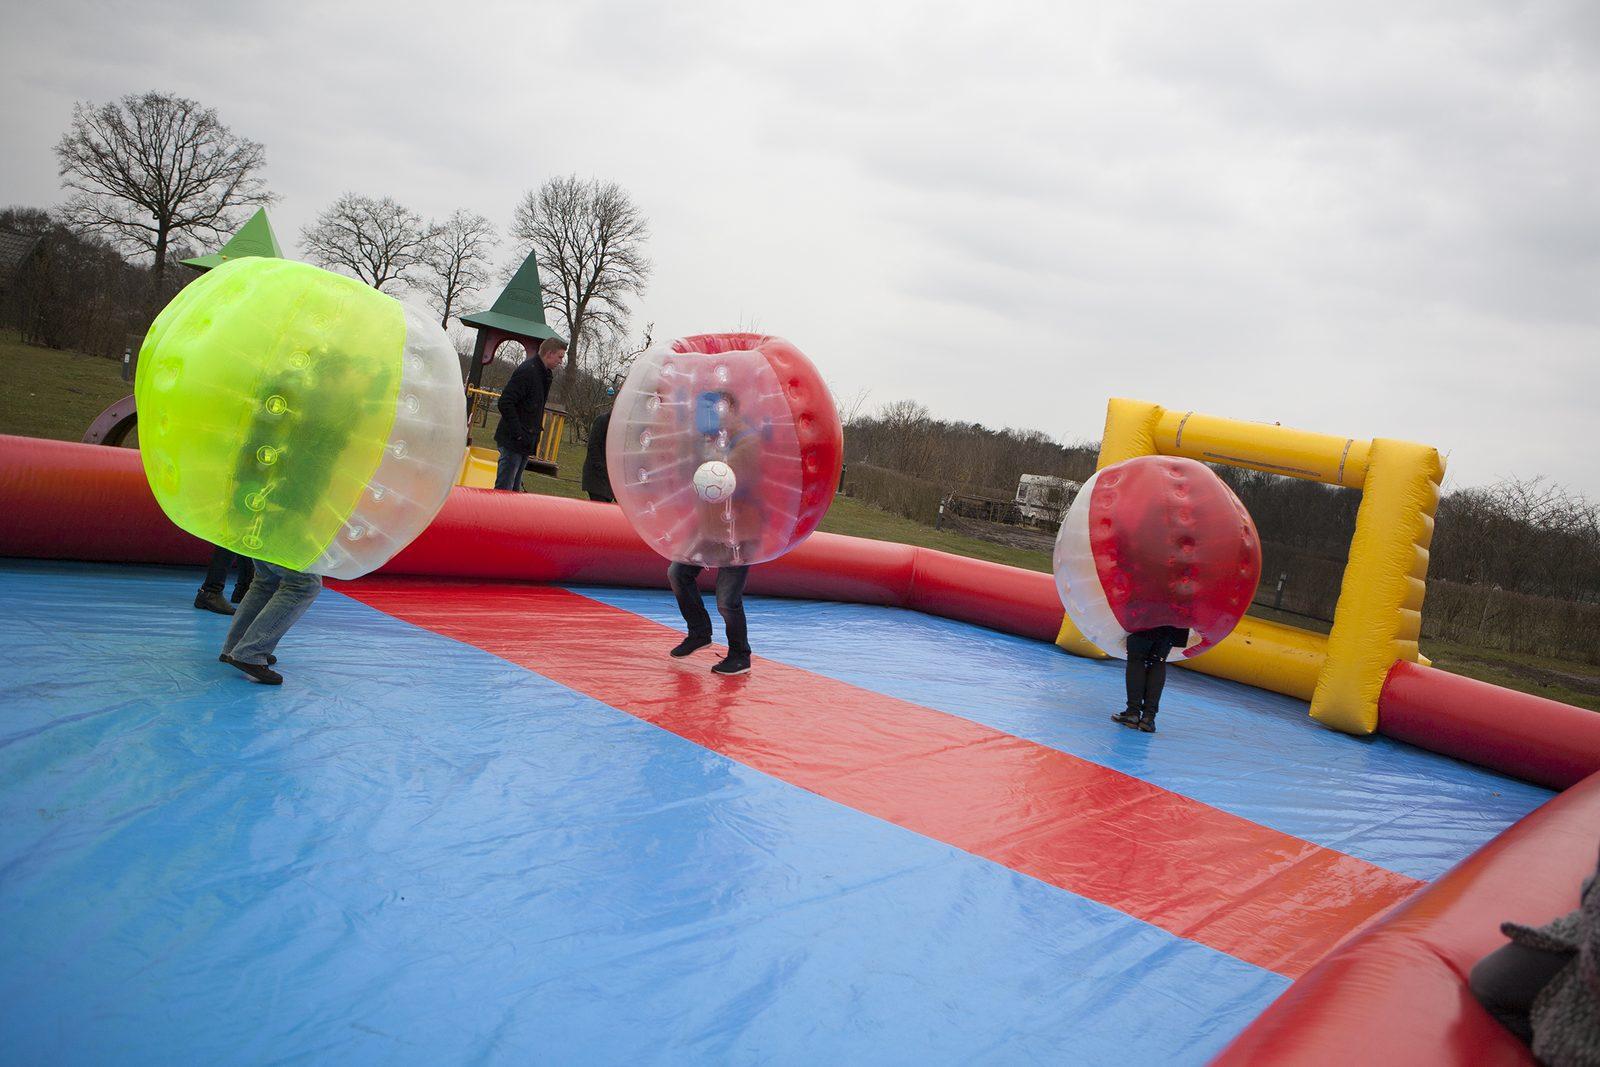 Speel Bumperballz op Recreatiepark De Boshoek in Voorthuizen